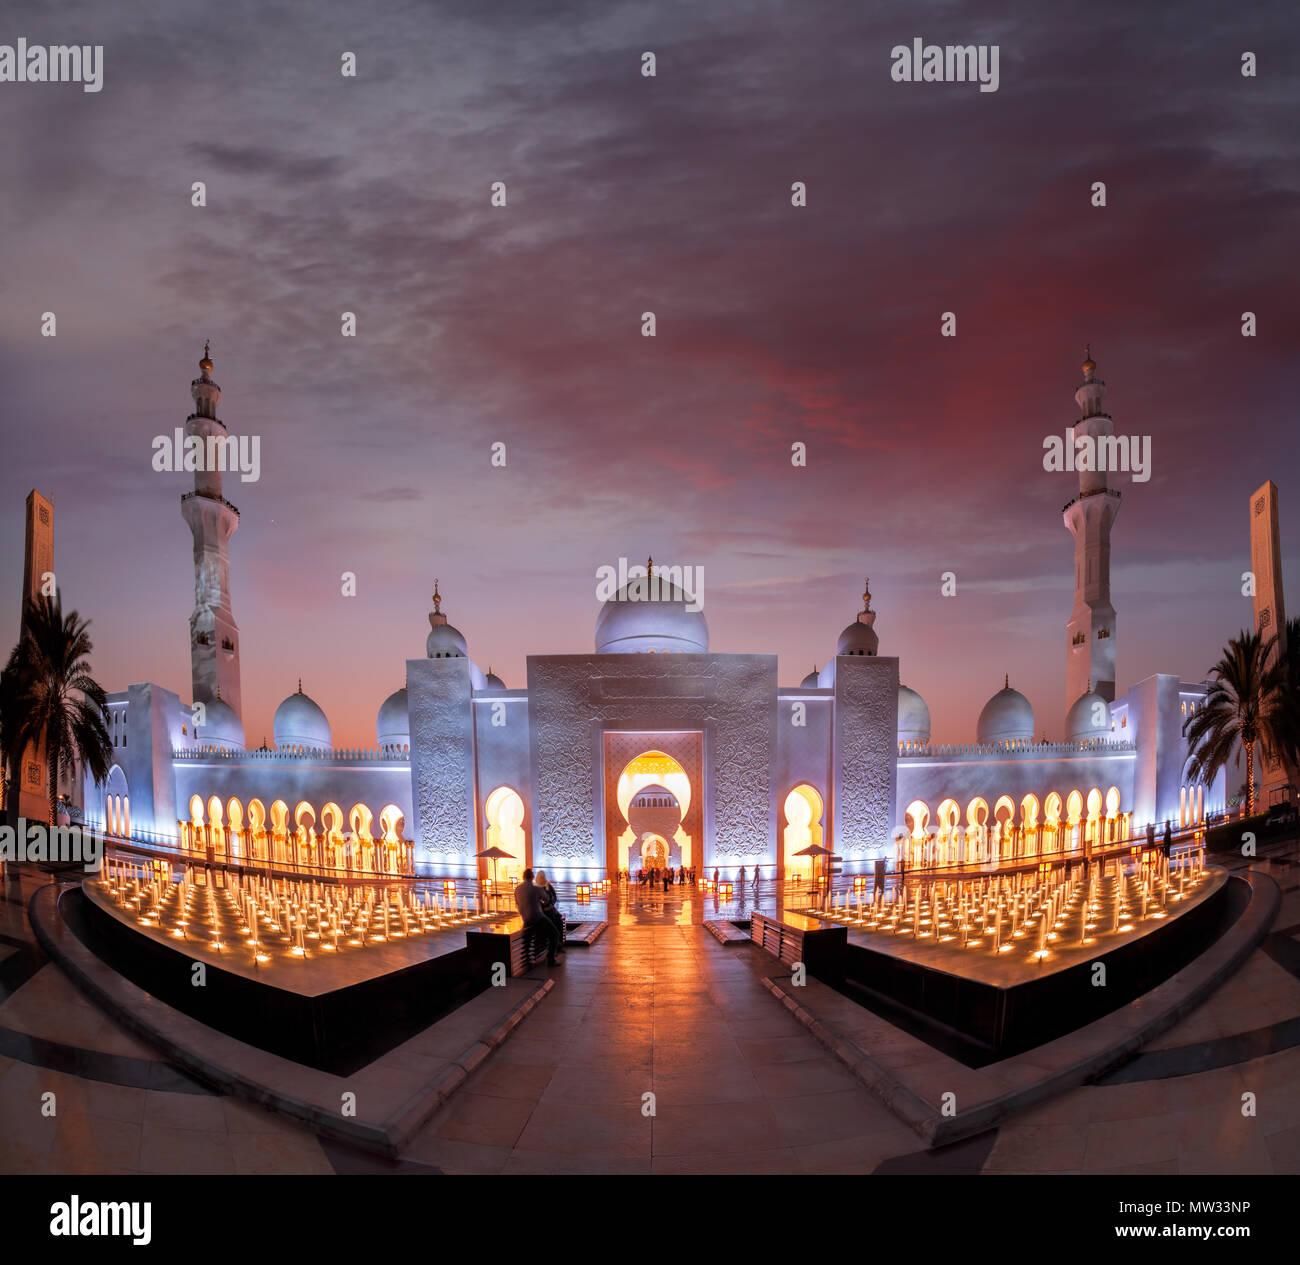 Sheikh Zayed Grand Moschee gegen Sonnenuntergang in Abu-Dhabi, Vereinigte Arabische Emirate Stockbild